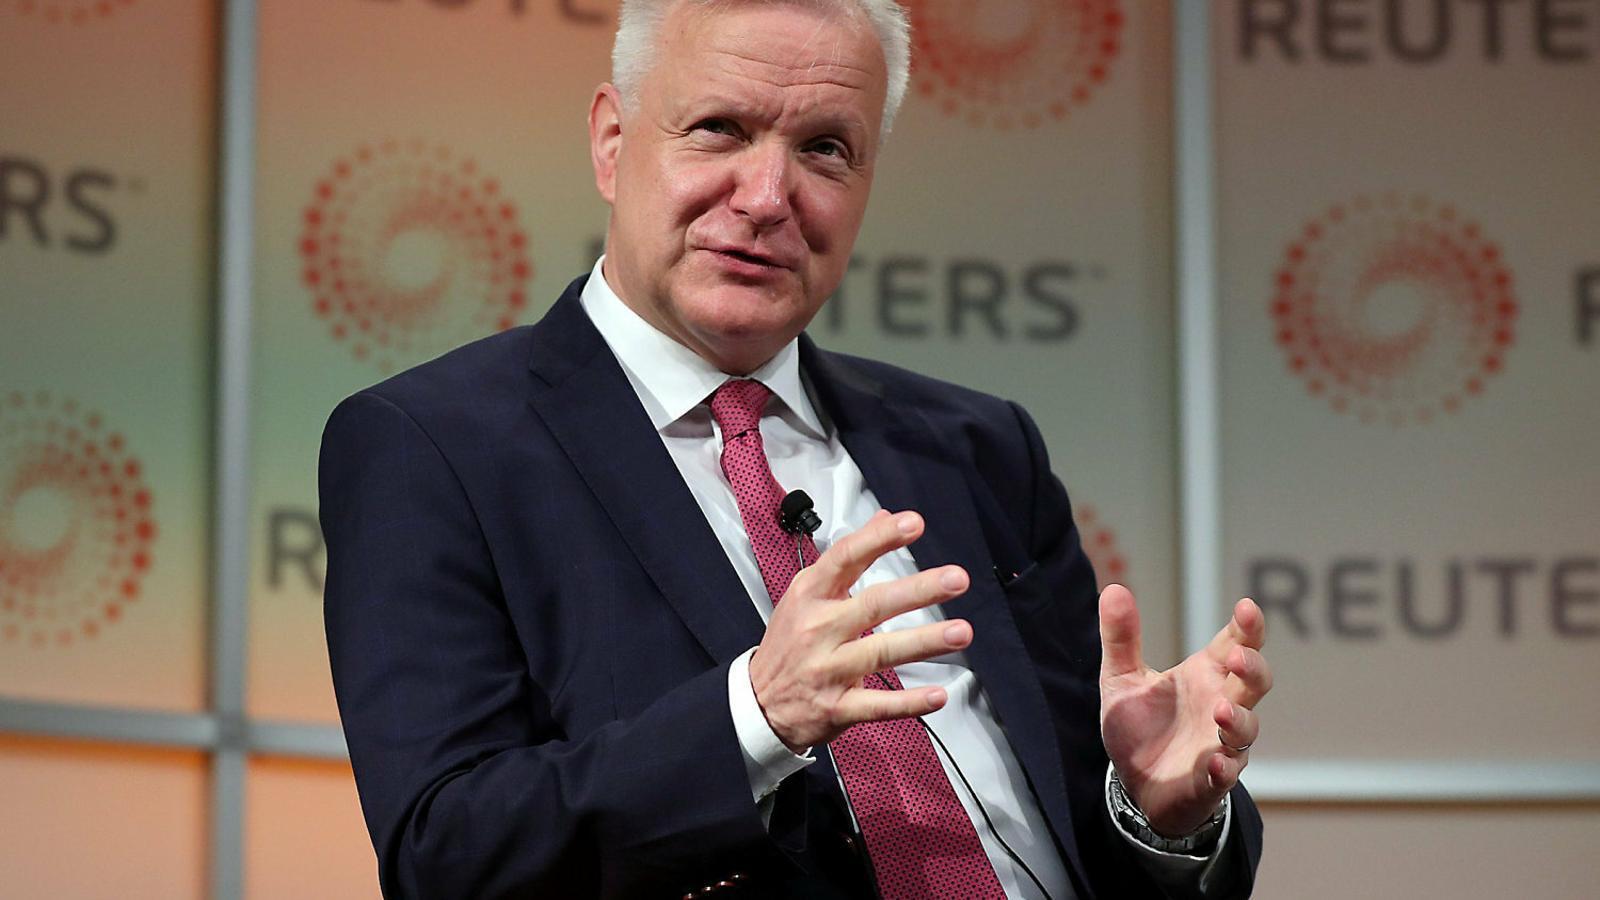 Olli Rehn, governador del Banc Central de Finlàndia, en una imatge recent.